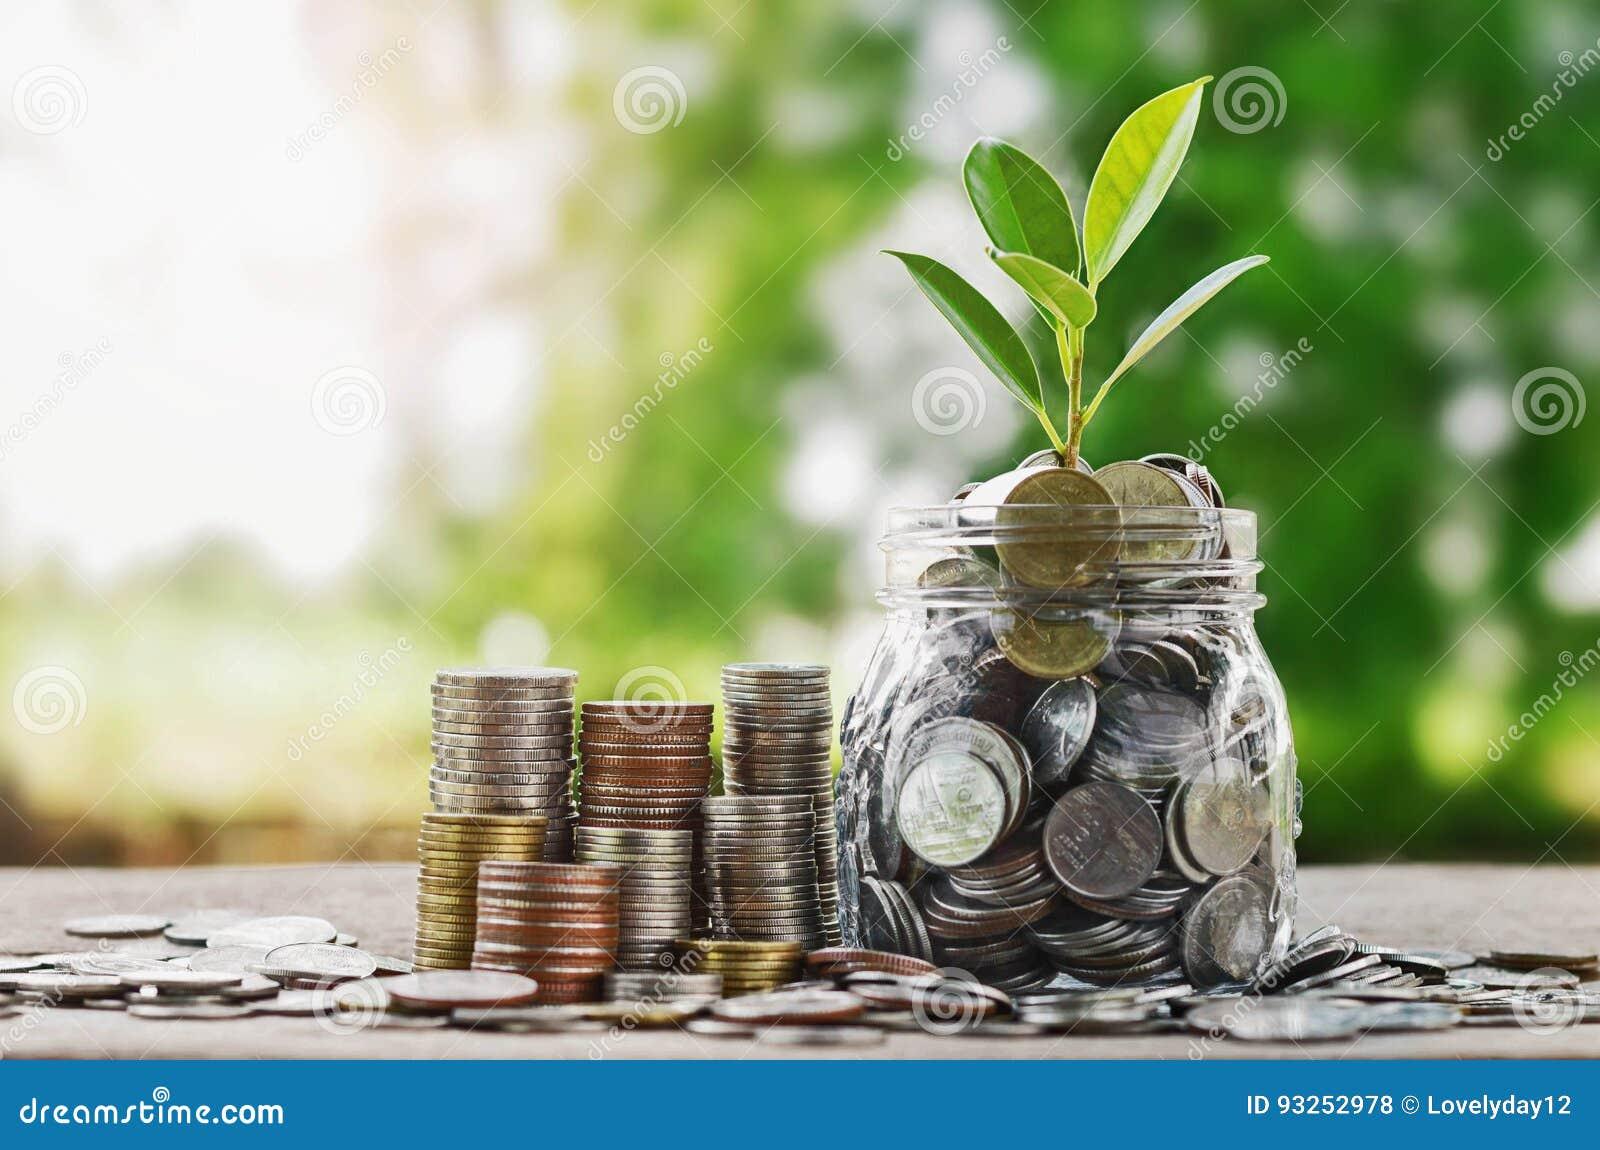 Plante las monedas crecientes en el tarro de cristal con concentrado financiero de la inversión